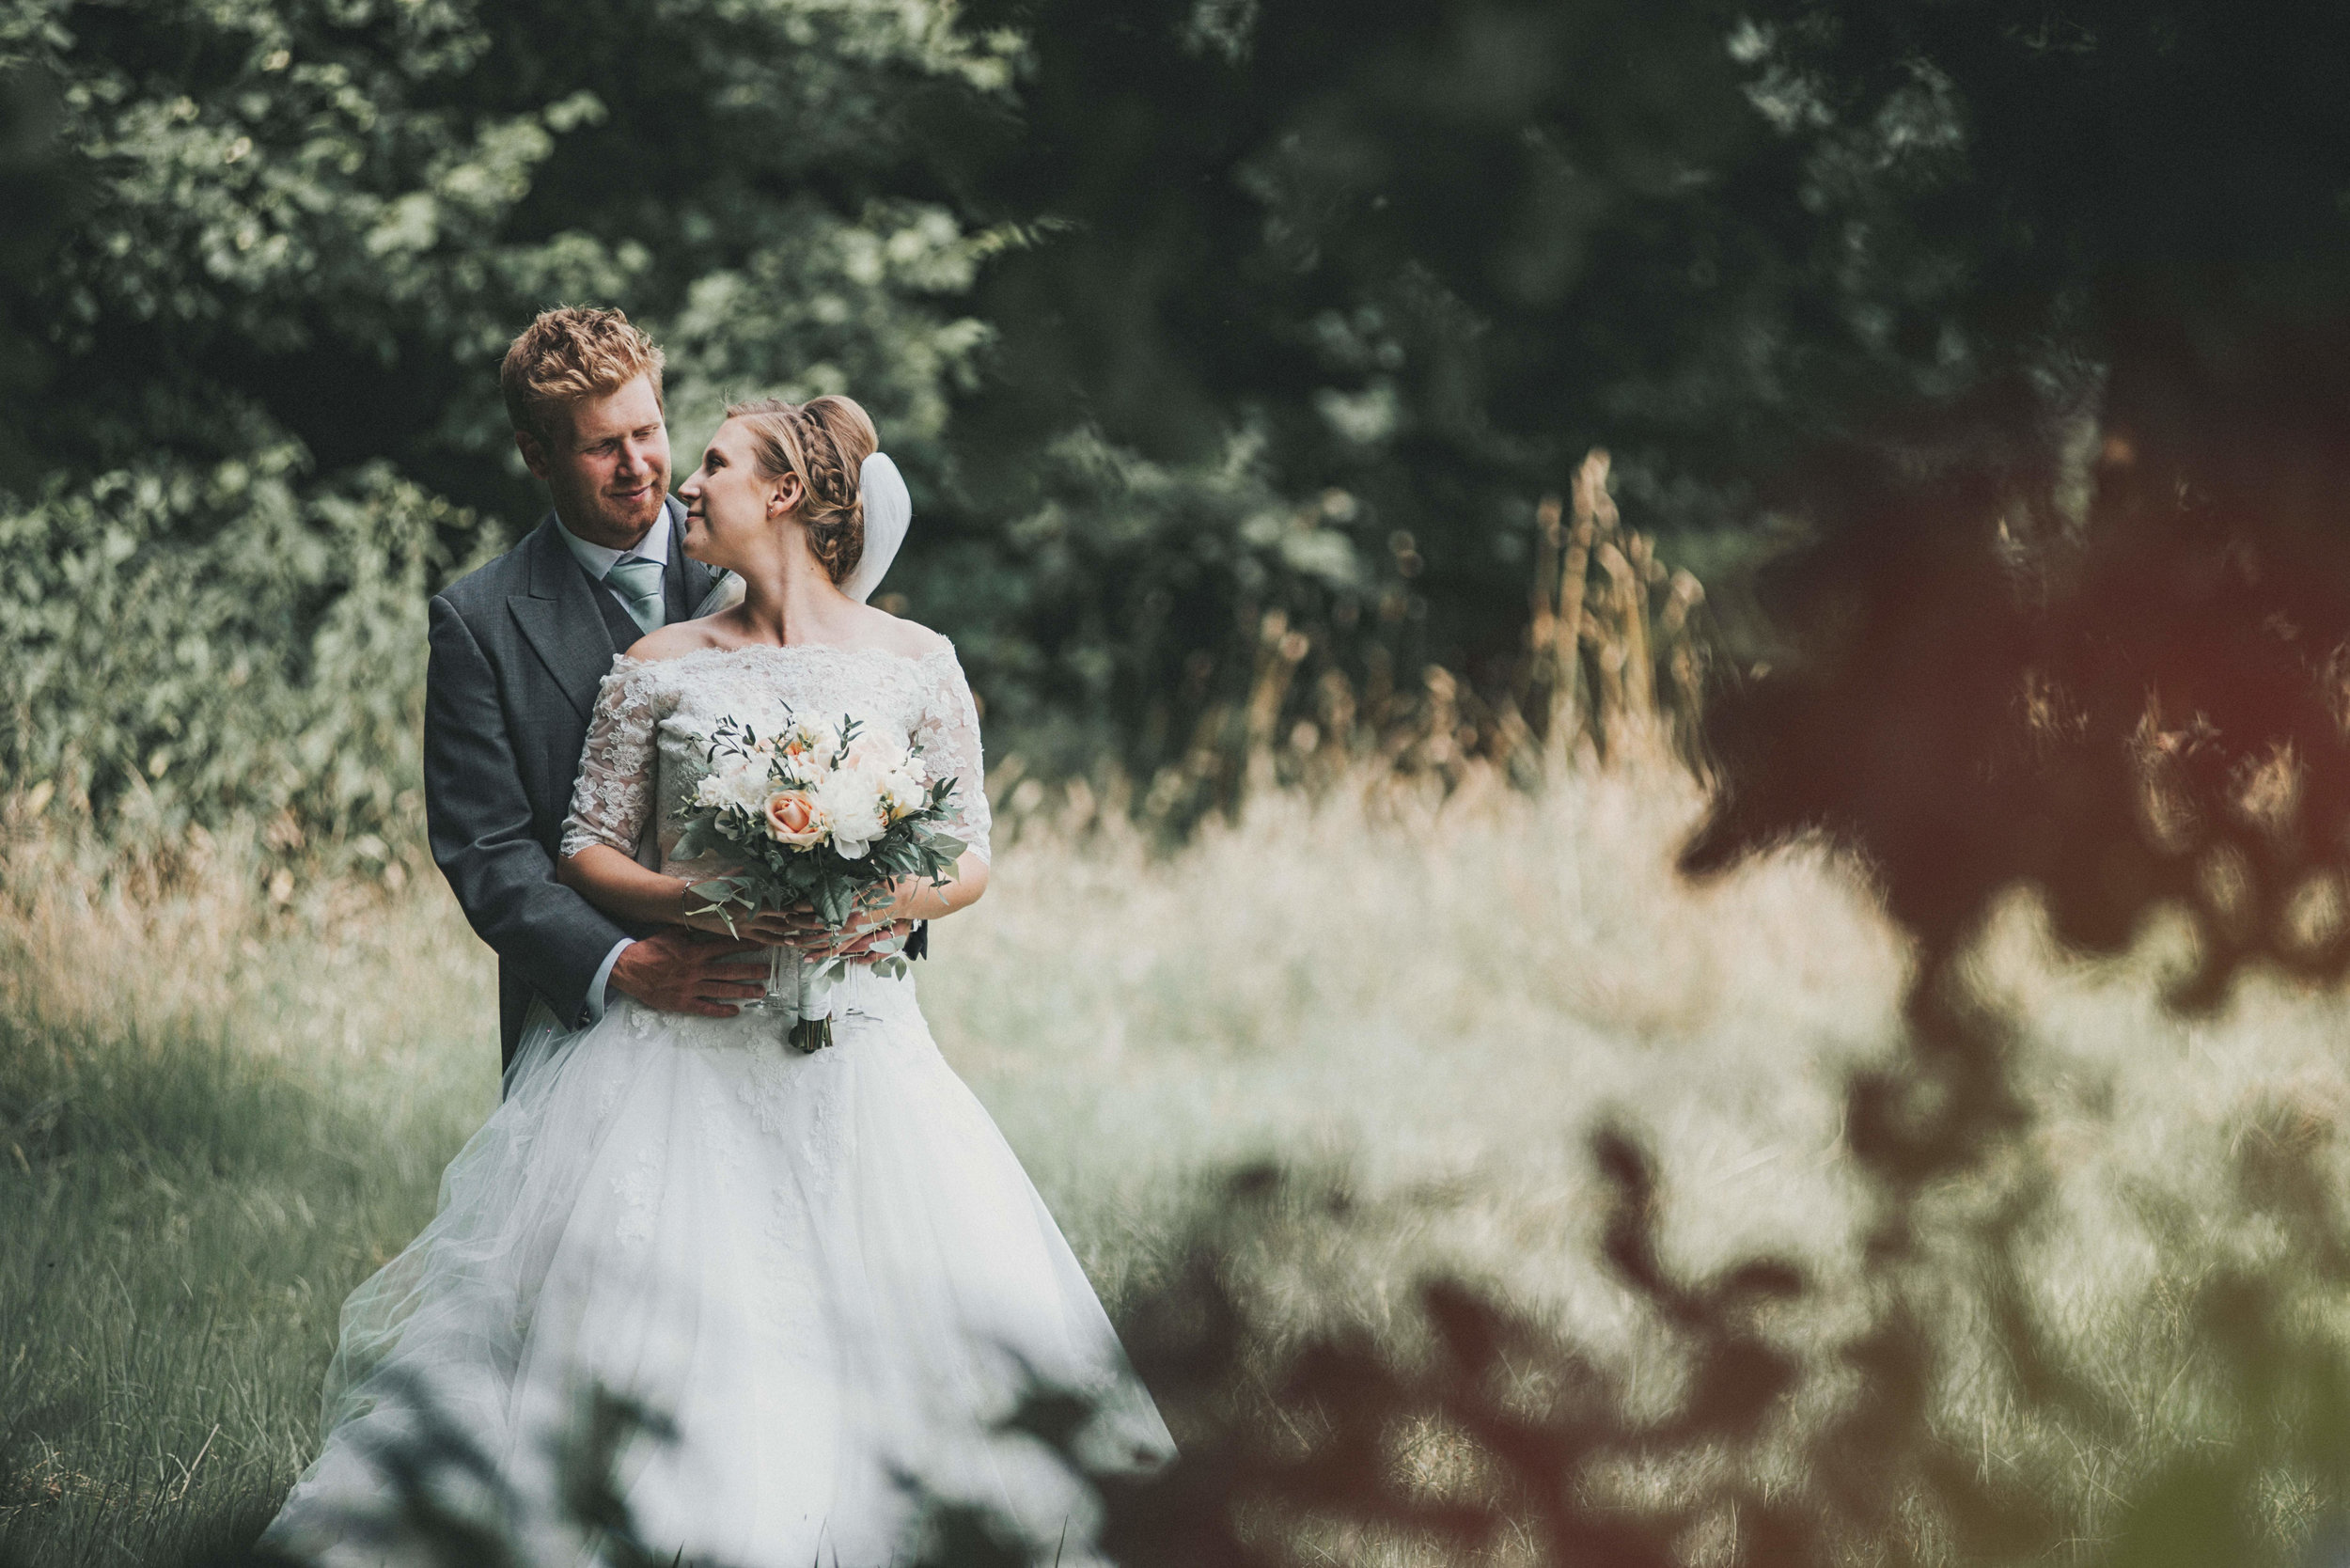 festival-farm-wedding-090.jpg